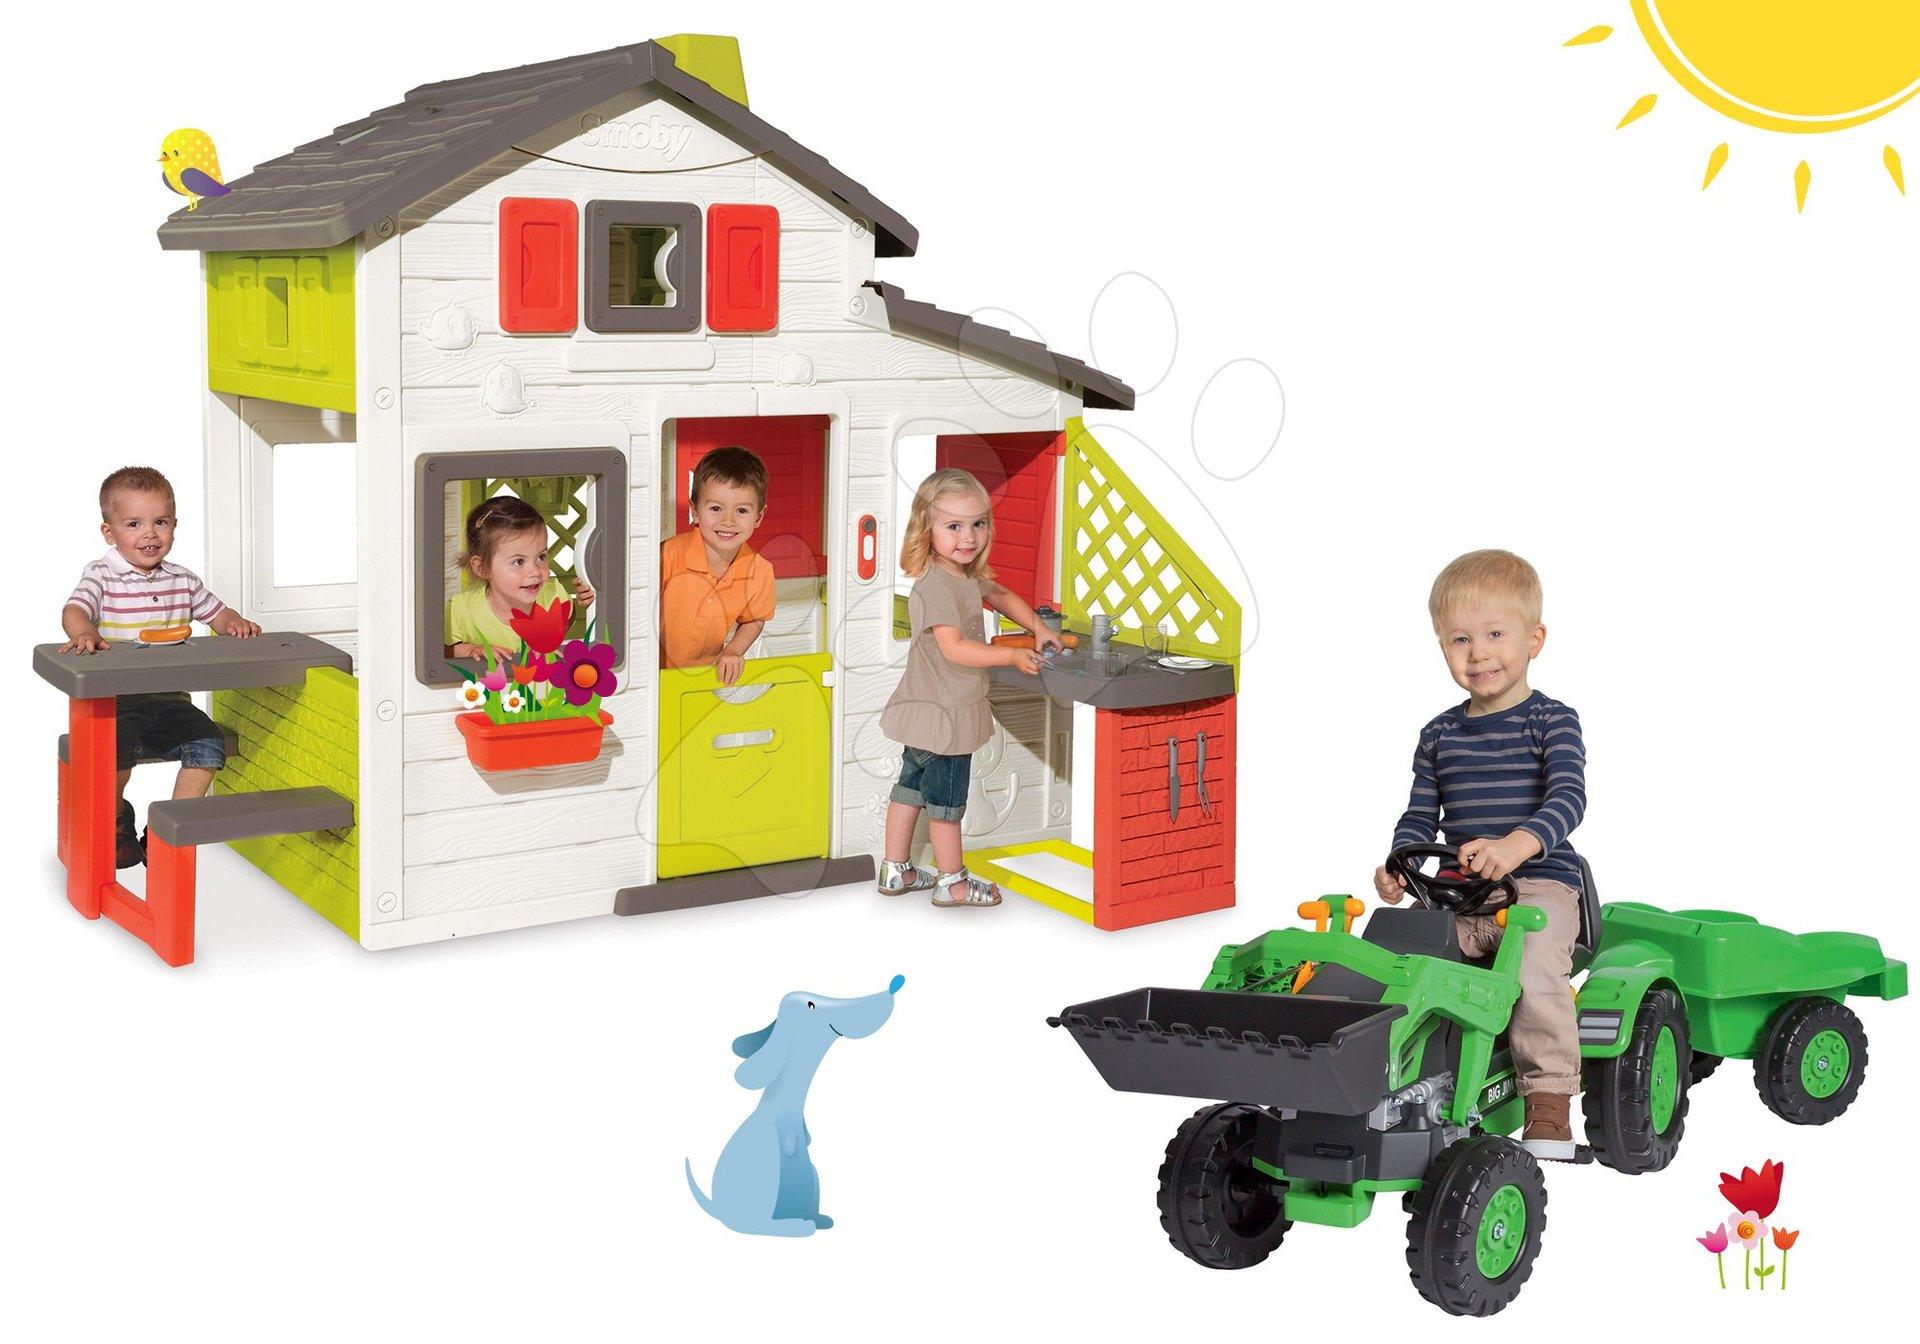 Szett házikó Barátok Smoby konyhácskával és pedálos traktor Jim Loader homlokrakodóval és utánfutóval